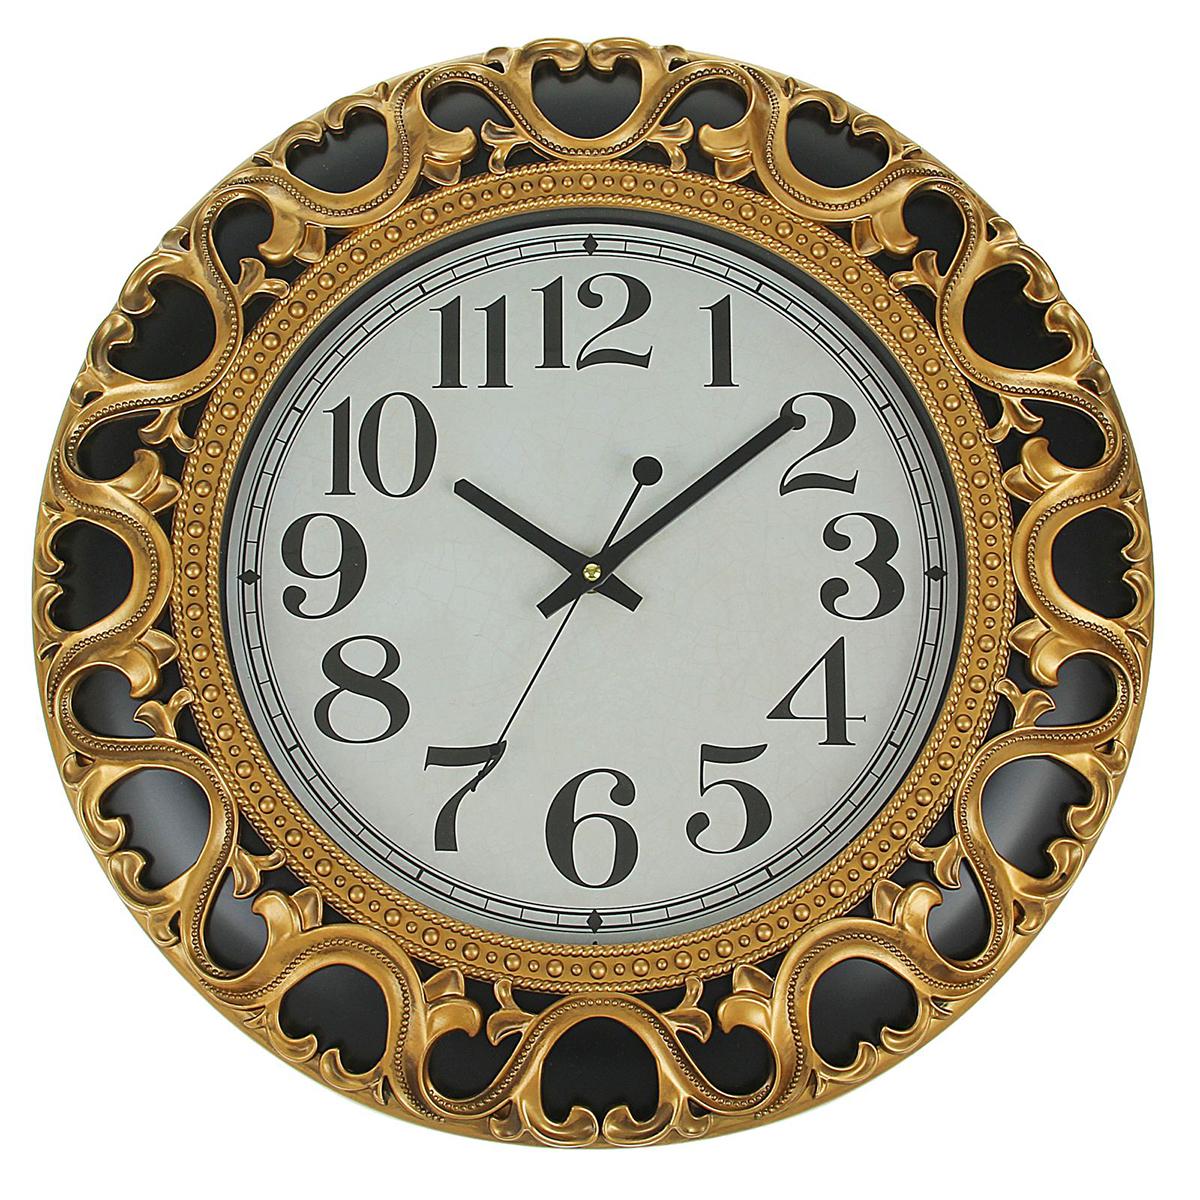 Часы настенные Витория1963245Каждому хозяину периодически приходит мысль обновить свою квартиру, сделать ремонт, перестановку или кардинально поменять внешний вид каждой комнаты. — привлекательная деталь, которая поможет воплотить вашу интерьерную идею, создать неповторимую атмосферу в вашем доме. Окружите себя приятными мелочами, пусть они радуют глаз и дарят гармонию.Часы настенные серия Витория, круг, рама черная с узором завитки золото, циферблат ретро d=4 1963245